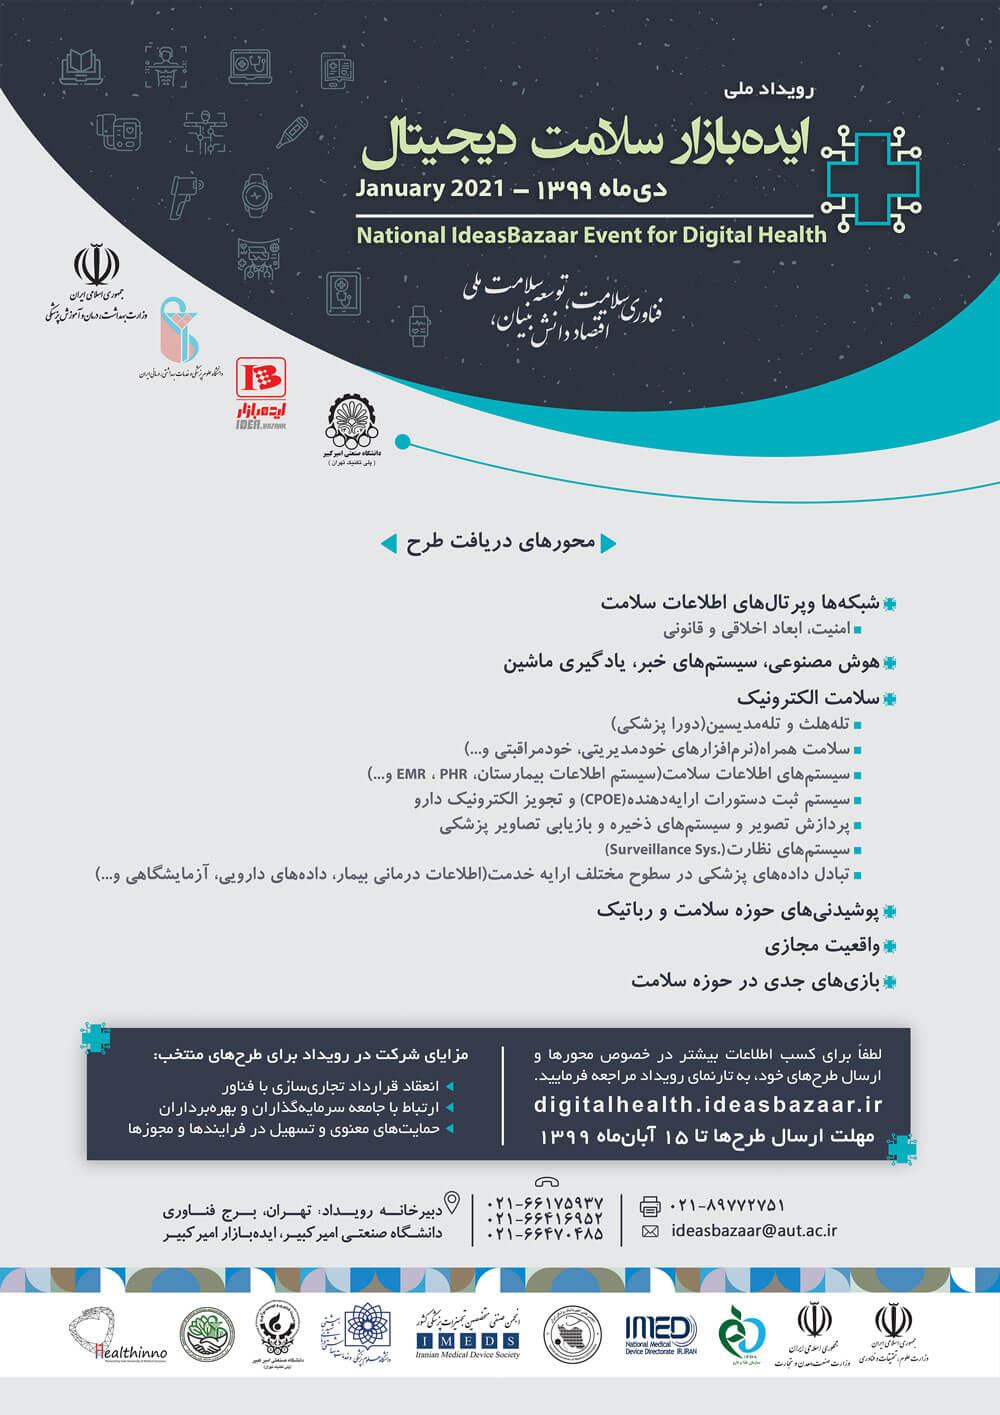 رویداد ملی ایده بازار سلامت دیجیتال